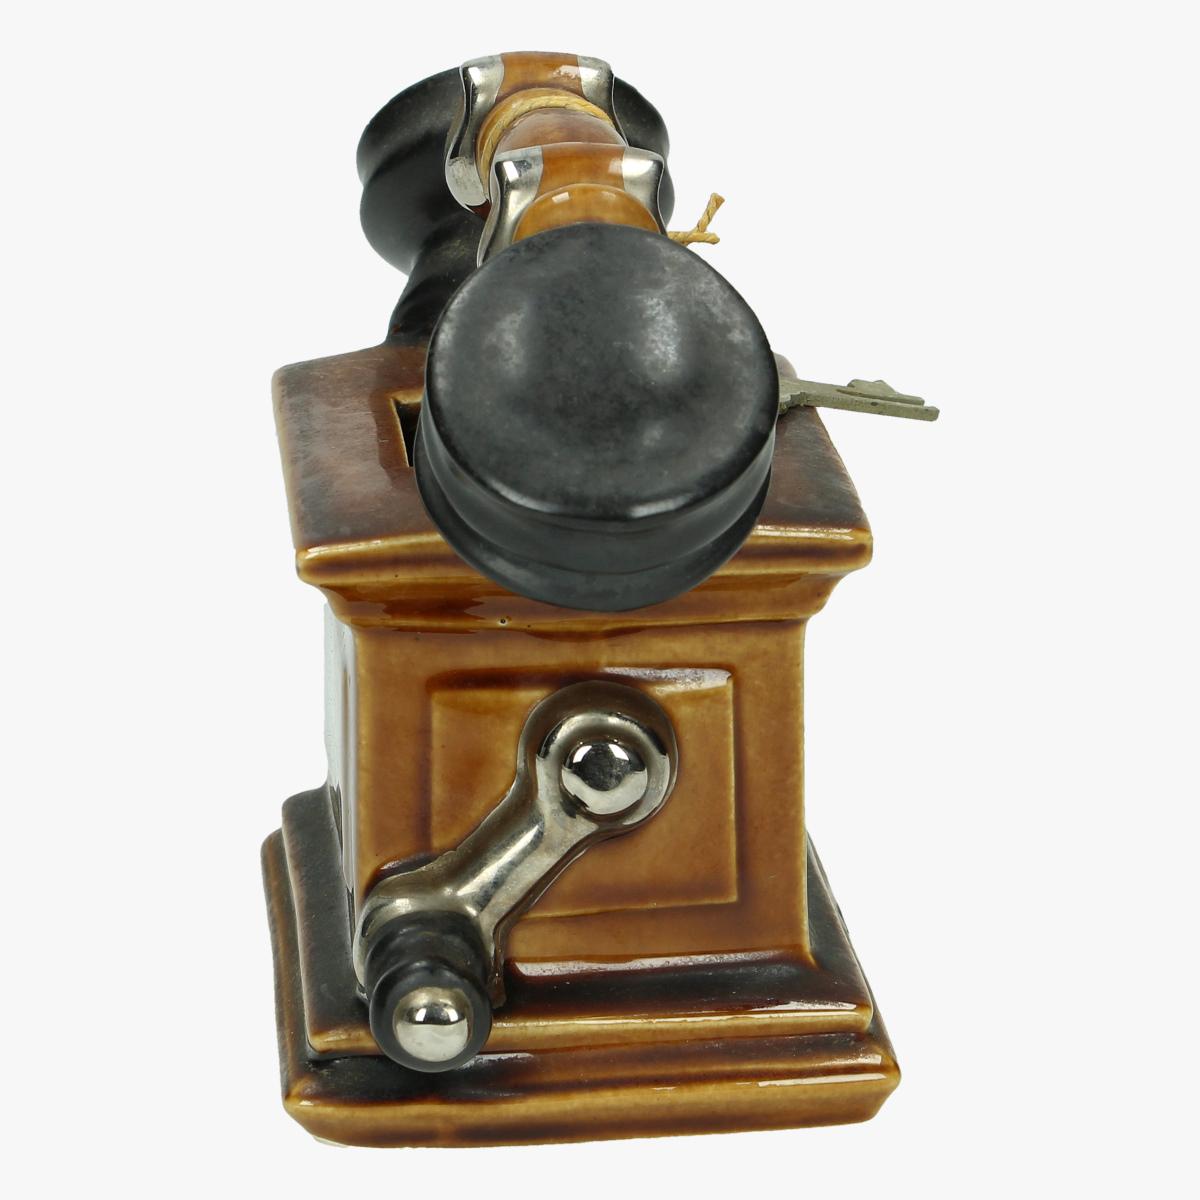 Afbeeldingen van spaarpot porselein telefoon